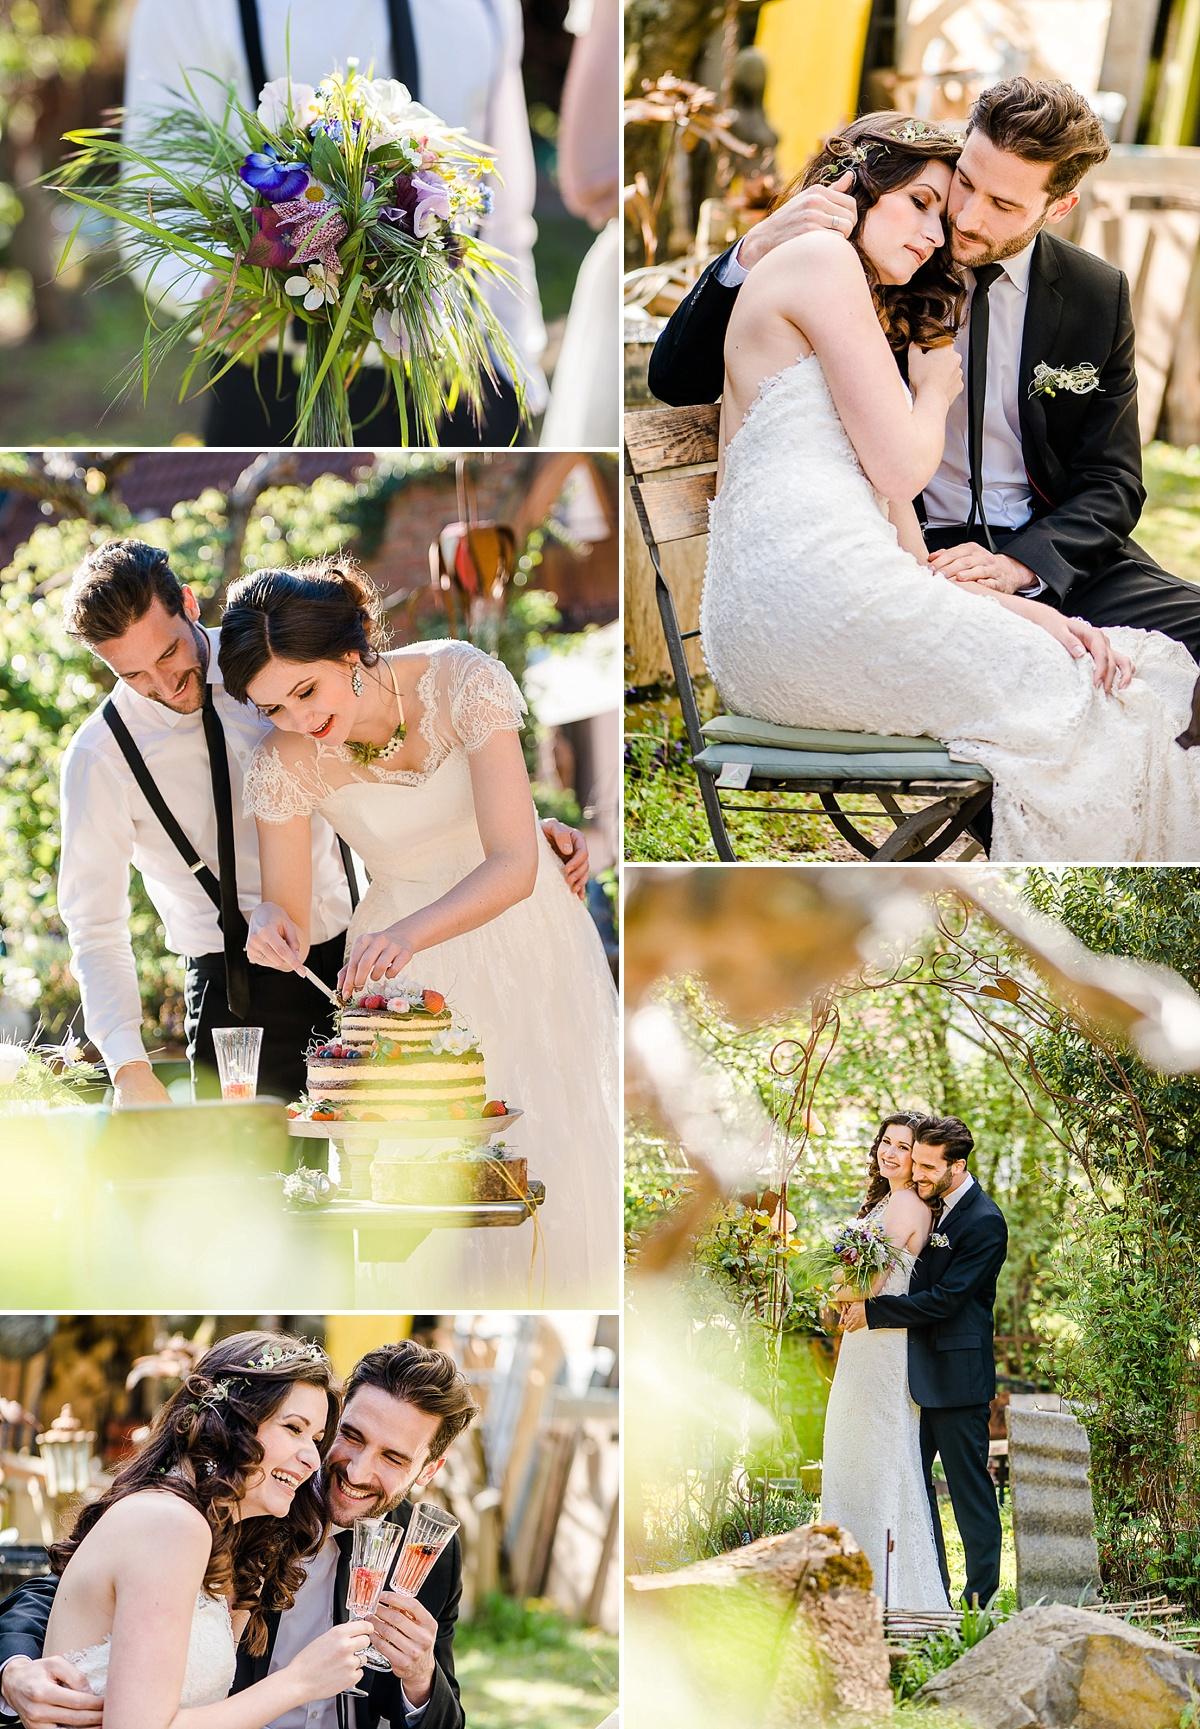 Hochzeit_Fruehling_Wiese_0003